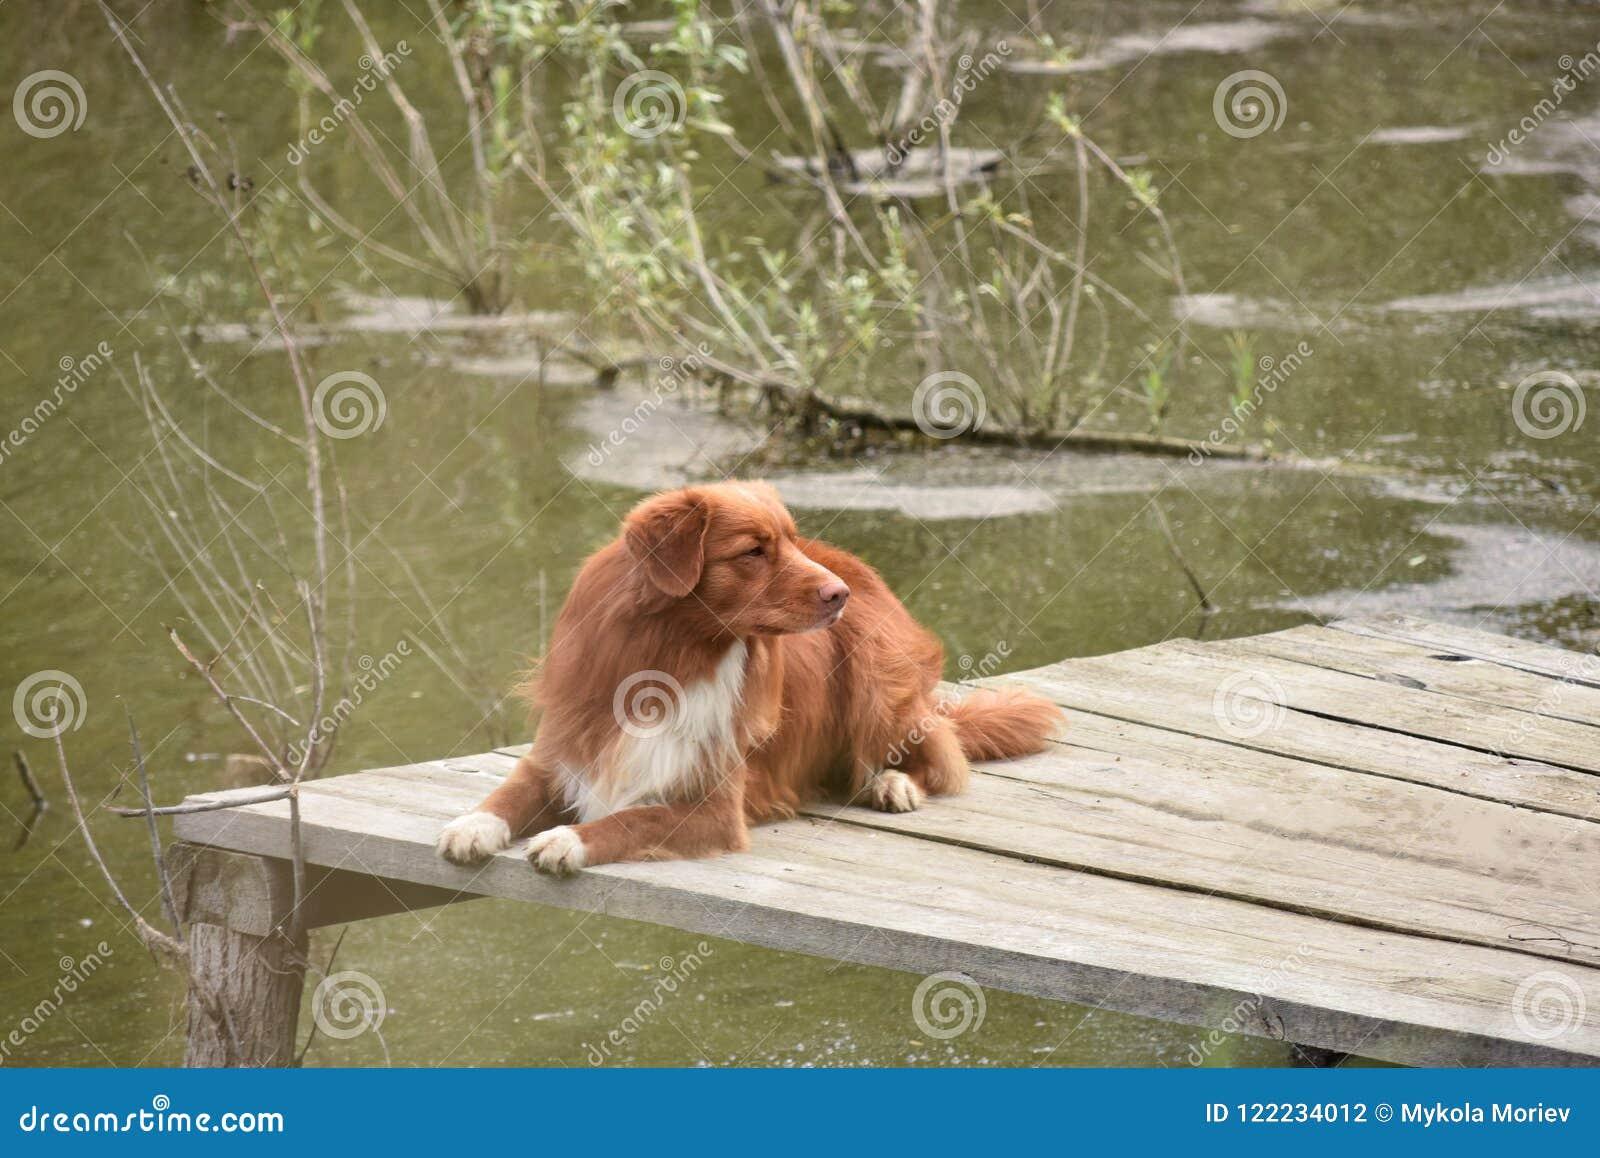 Το σκυλί βρίσκεται σε μια ξύλινη γέφυρα